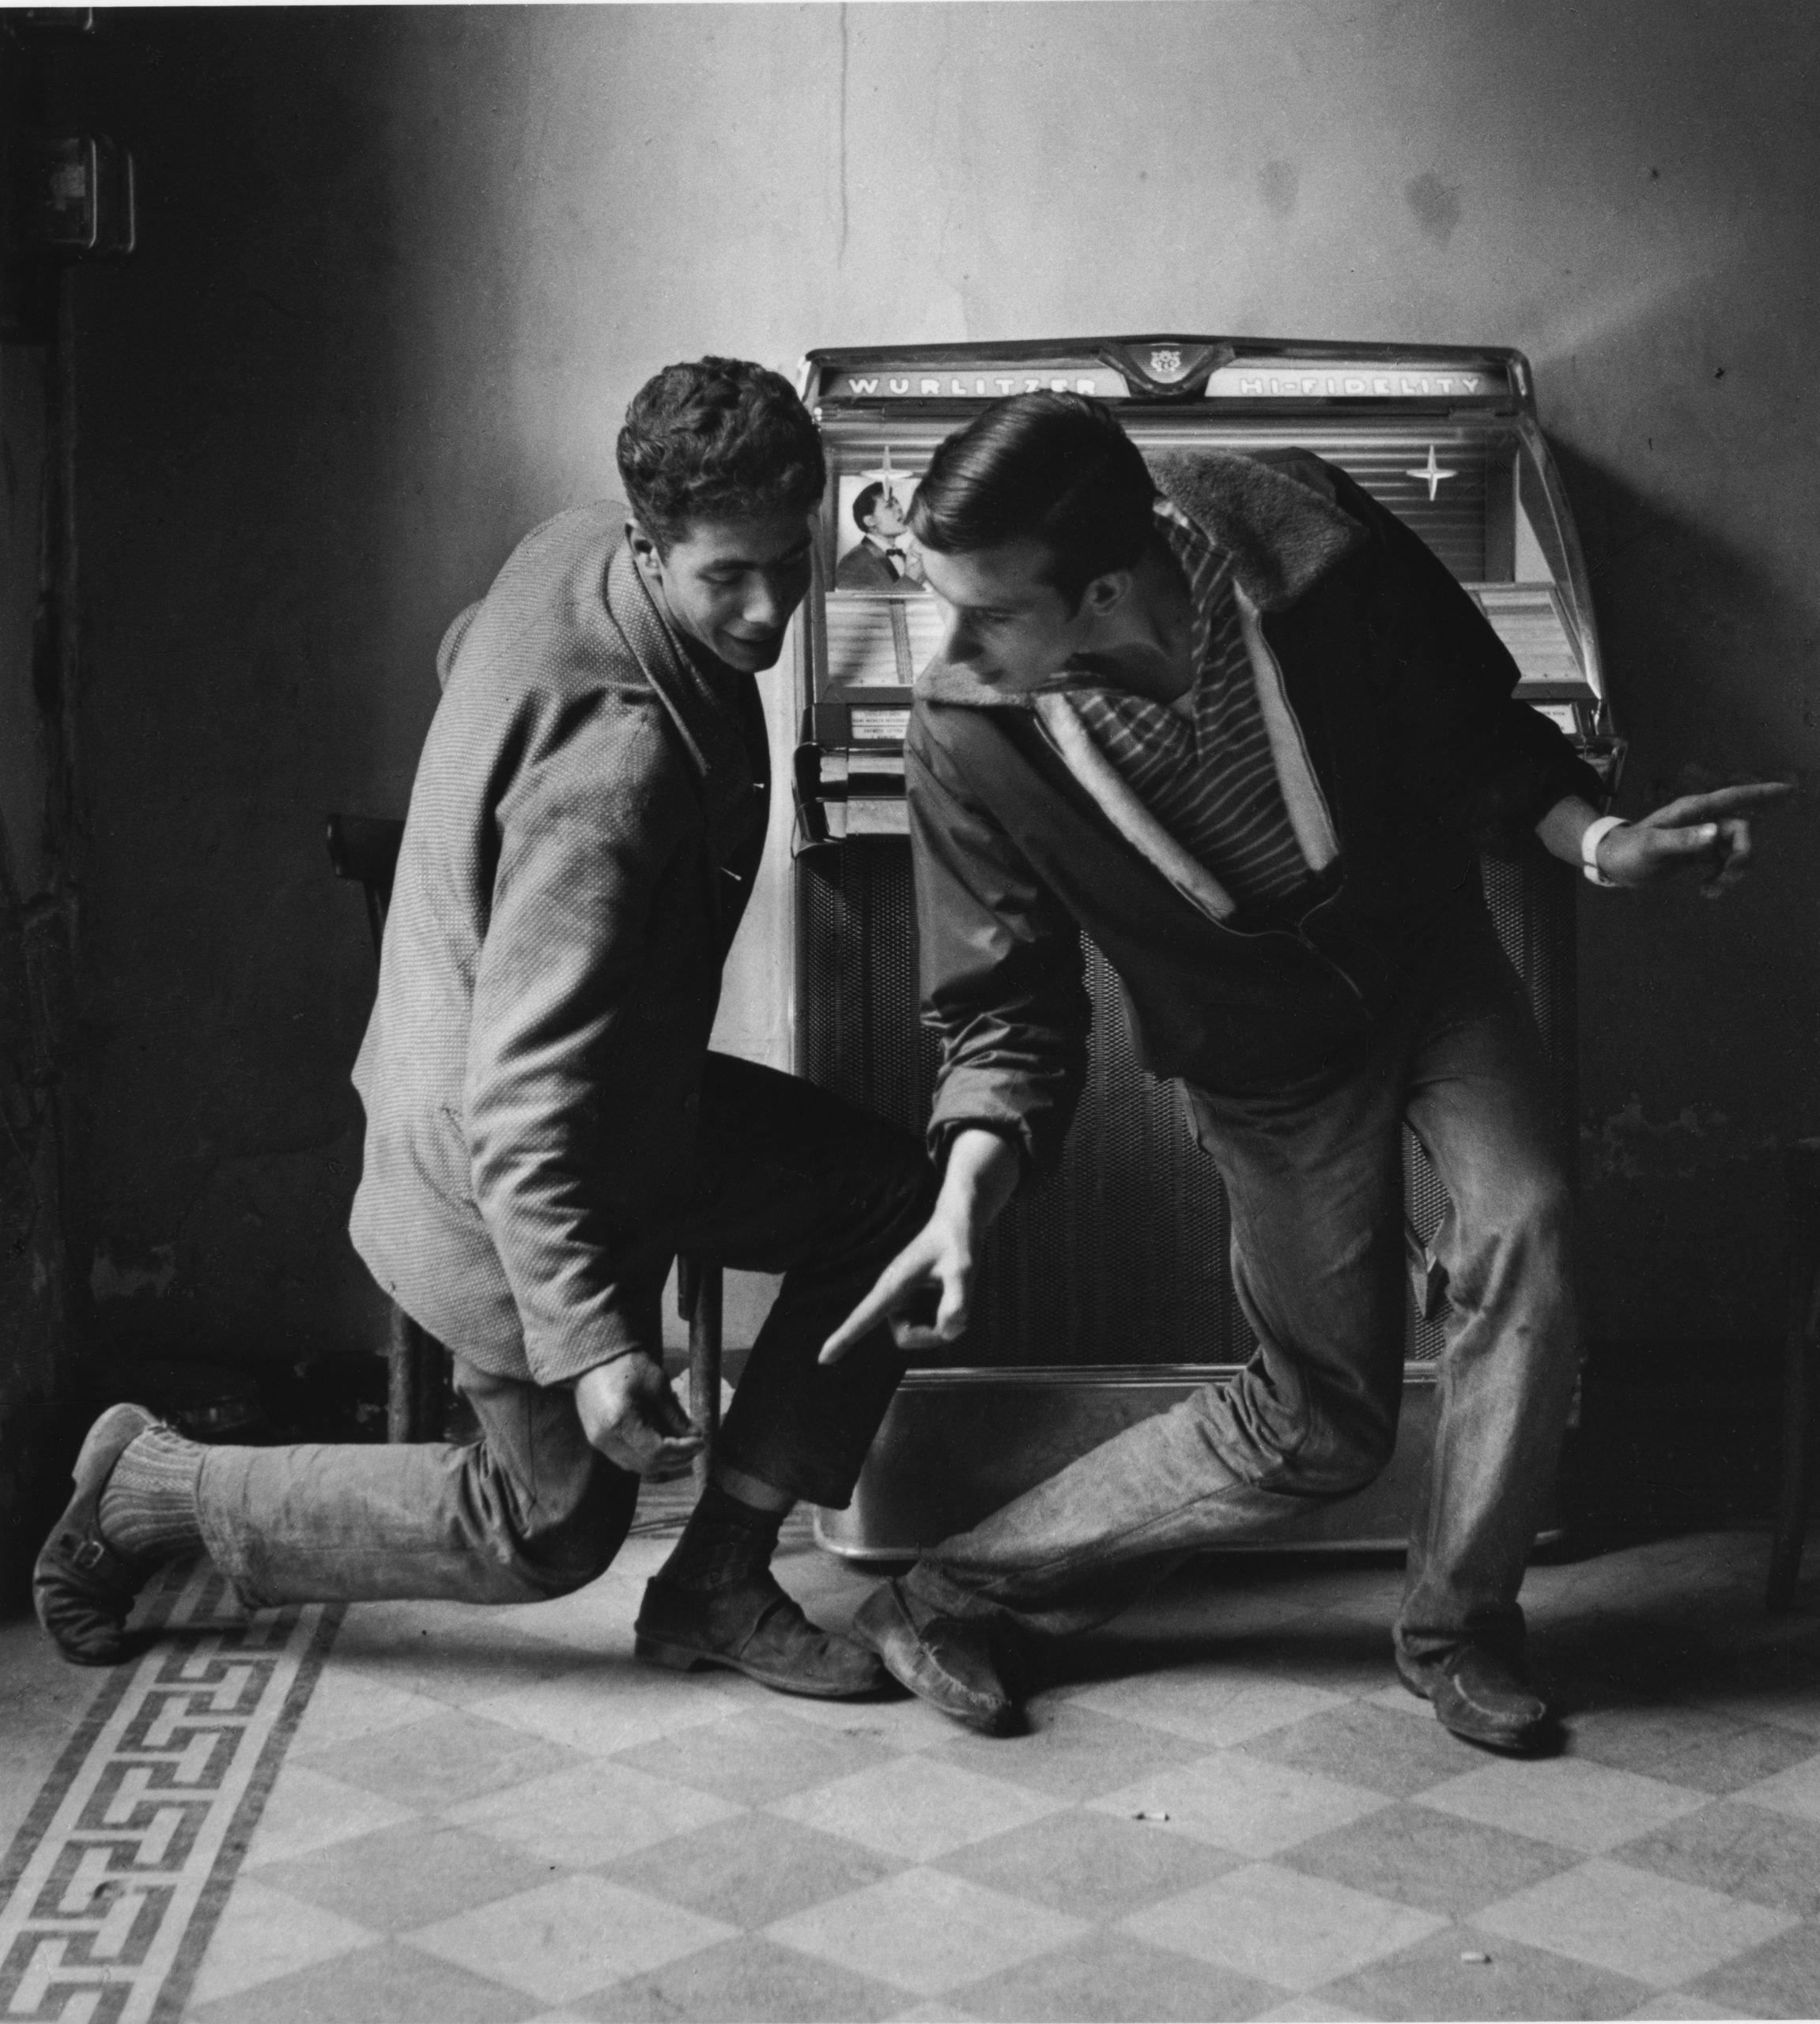 06_Mario Cattaneo, dalla serie Juke Box, 1958 © Museo di Fotografia Contemporanea